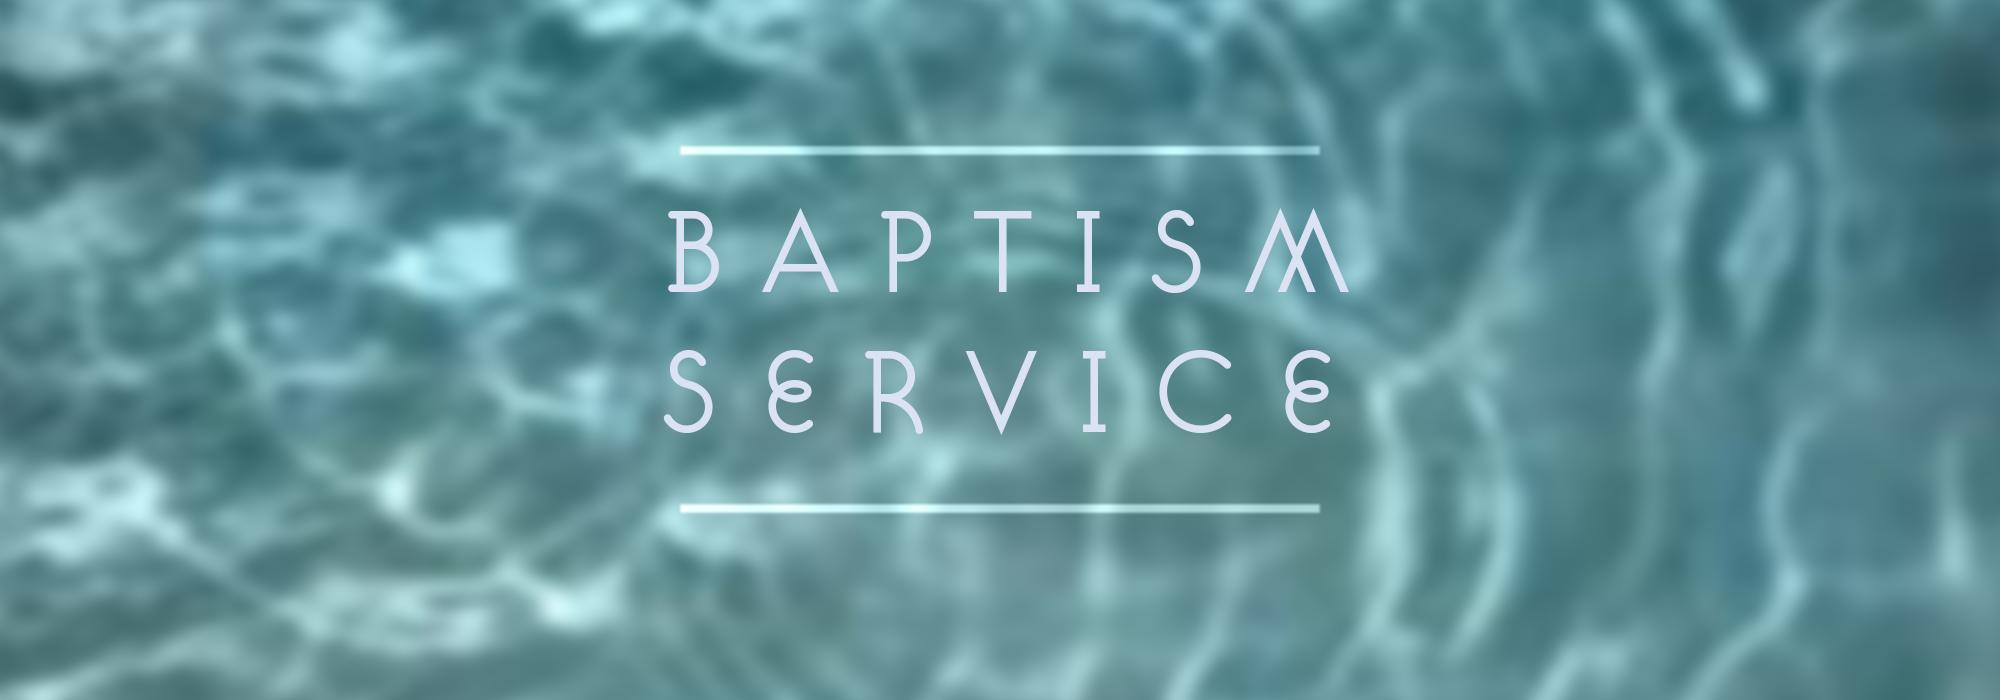 Gratitude for Grace (Luke 17:11-19) and Baptism Testimonies (Fall 2017)